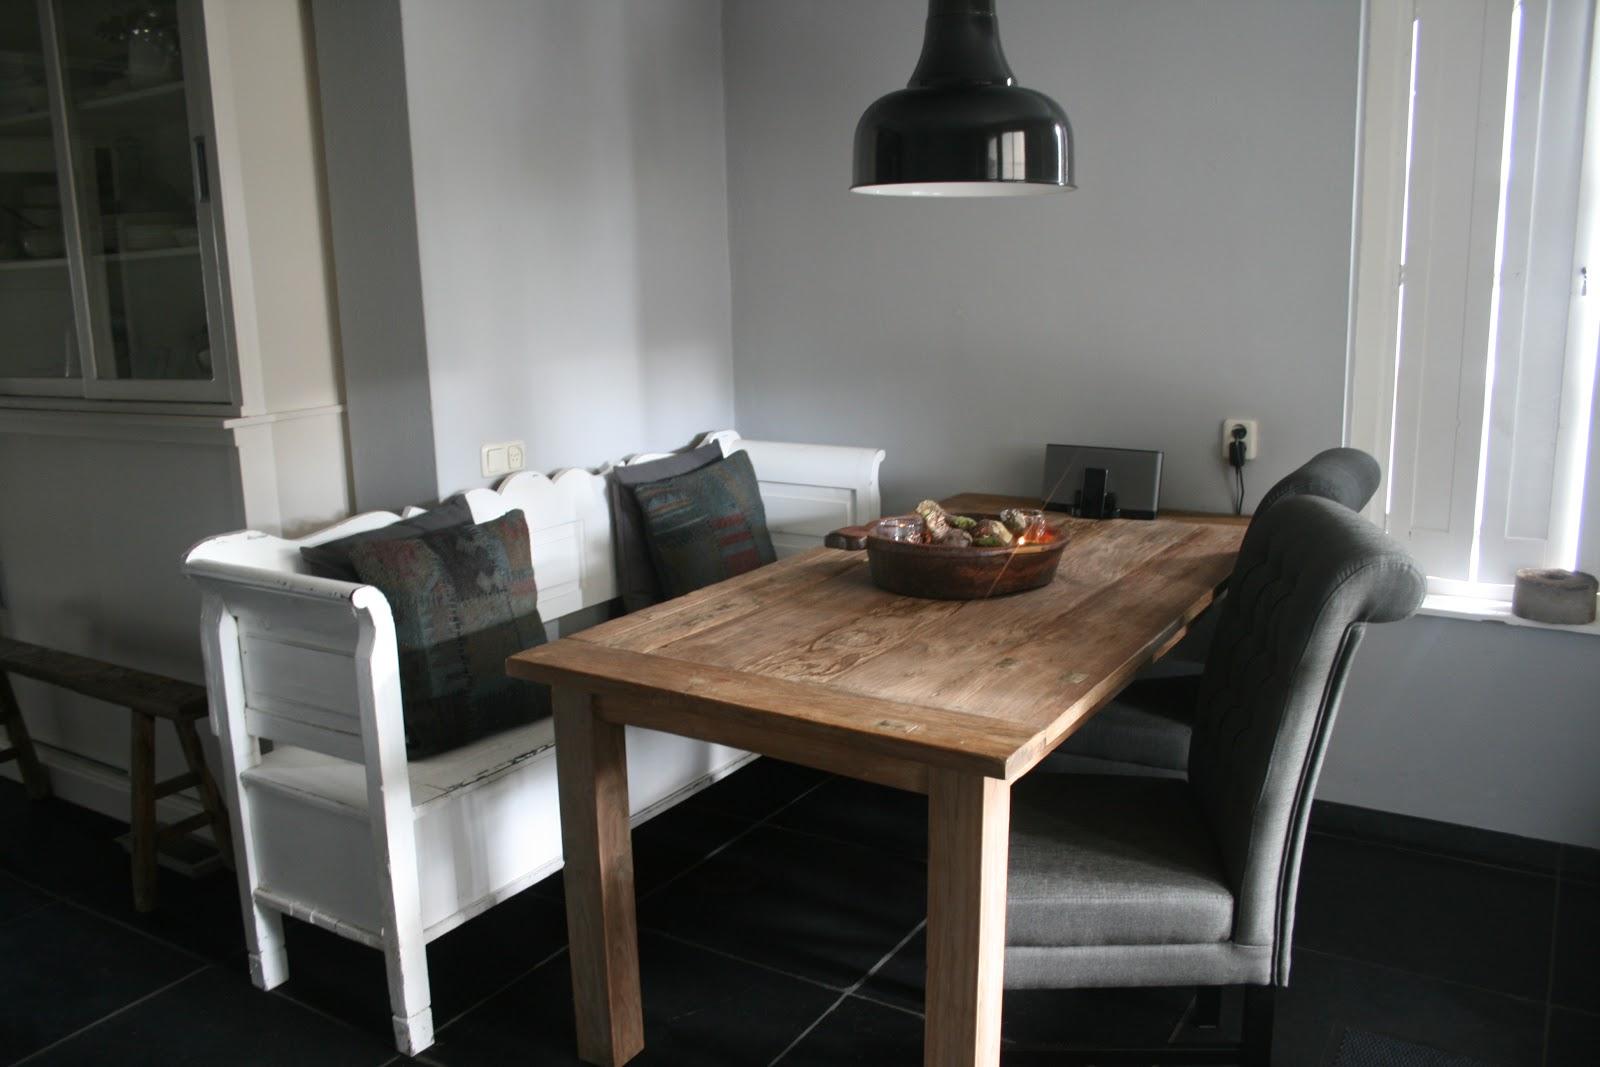 Ikea Hoge Tafel : Hoge stoel ikea. eettafel stoelen grijs ikea hoge stoel ikea